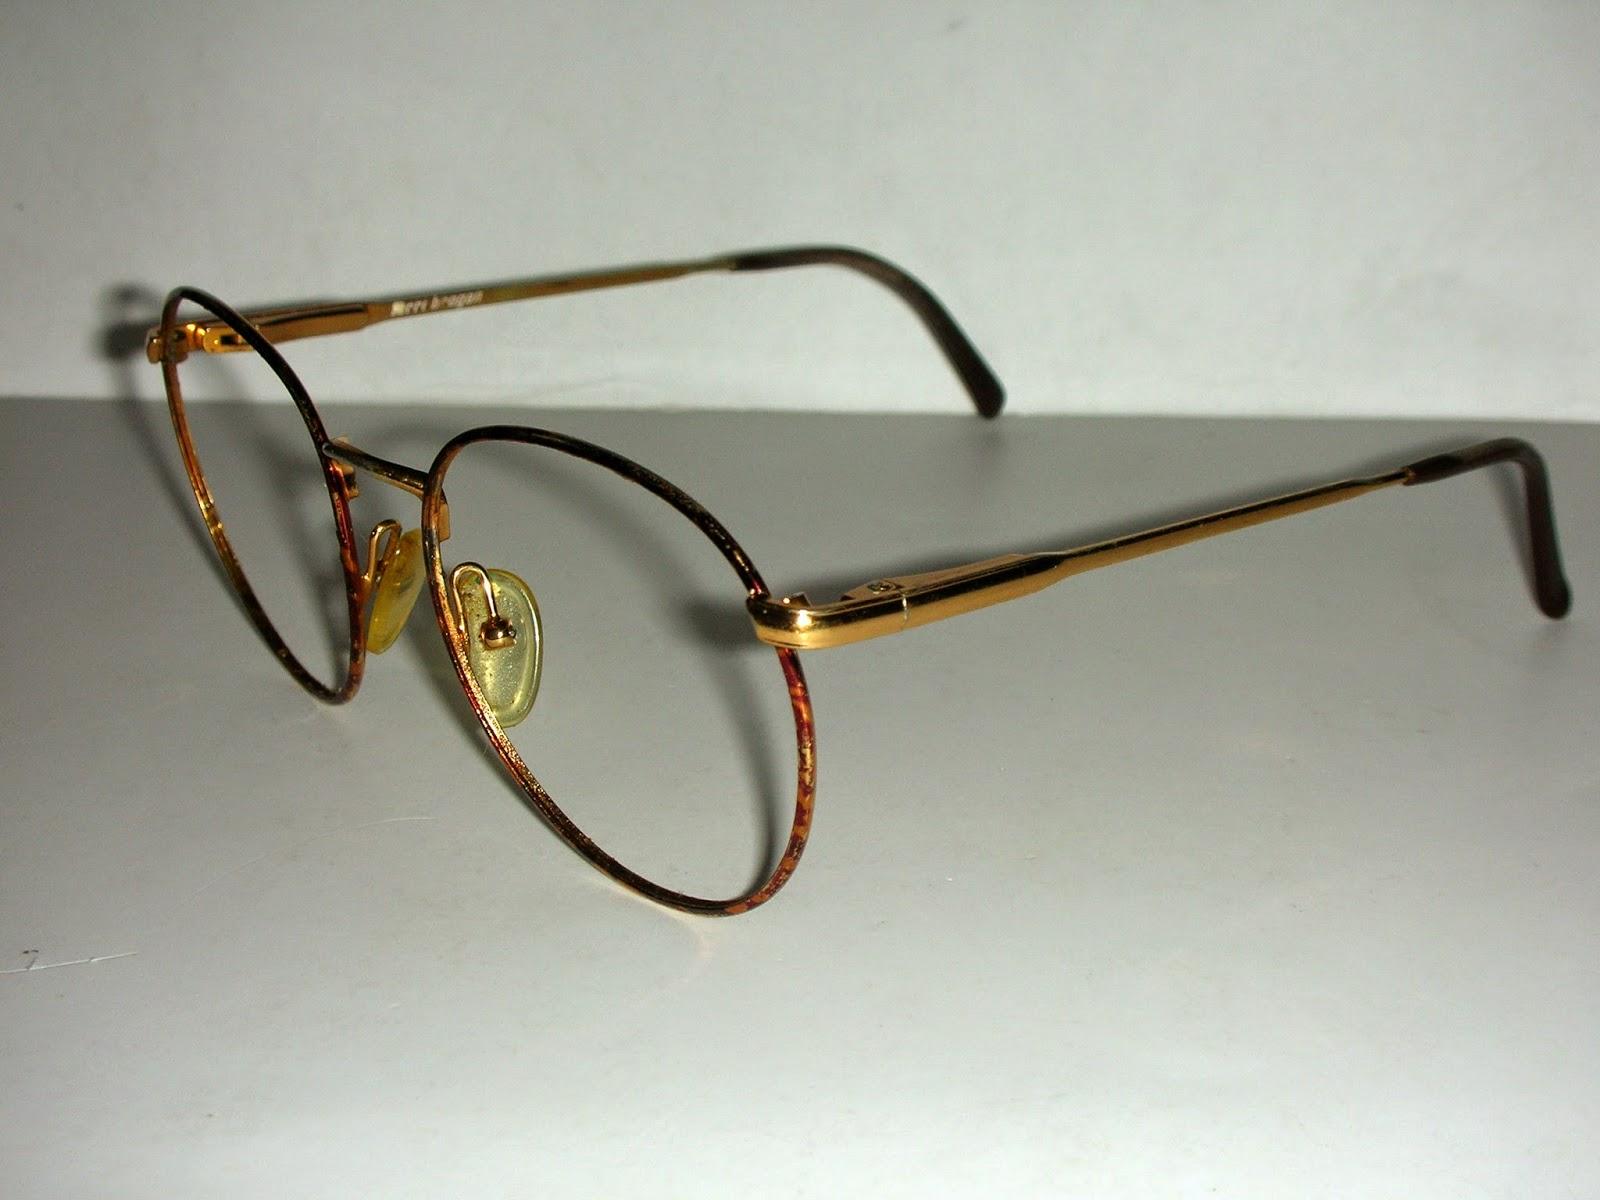 Eyeglass Frame Depth : HOT COUTURE VINTAGE EYEWEAR